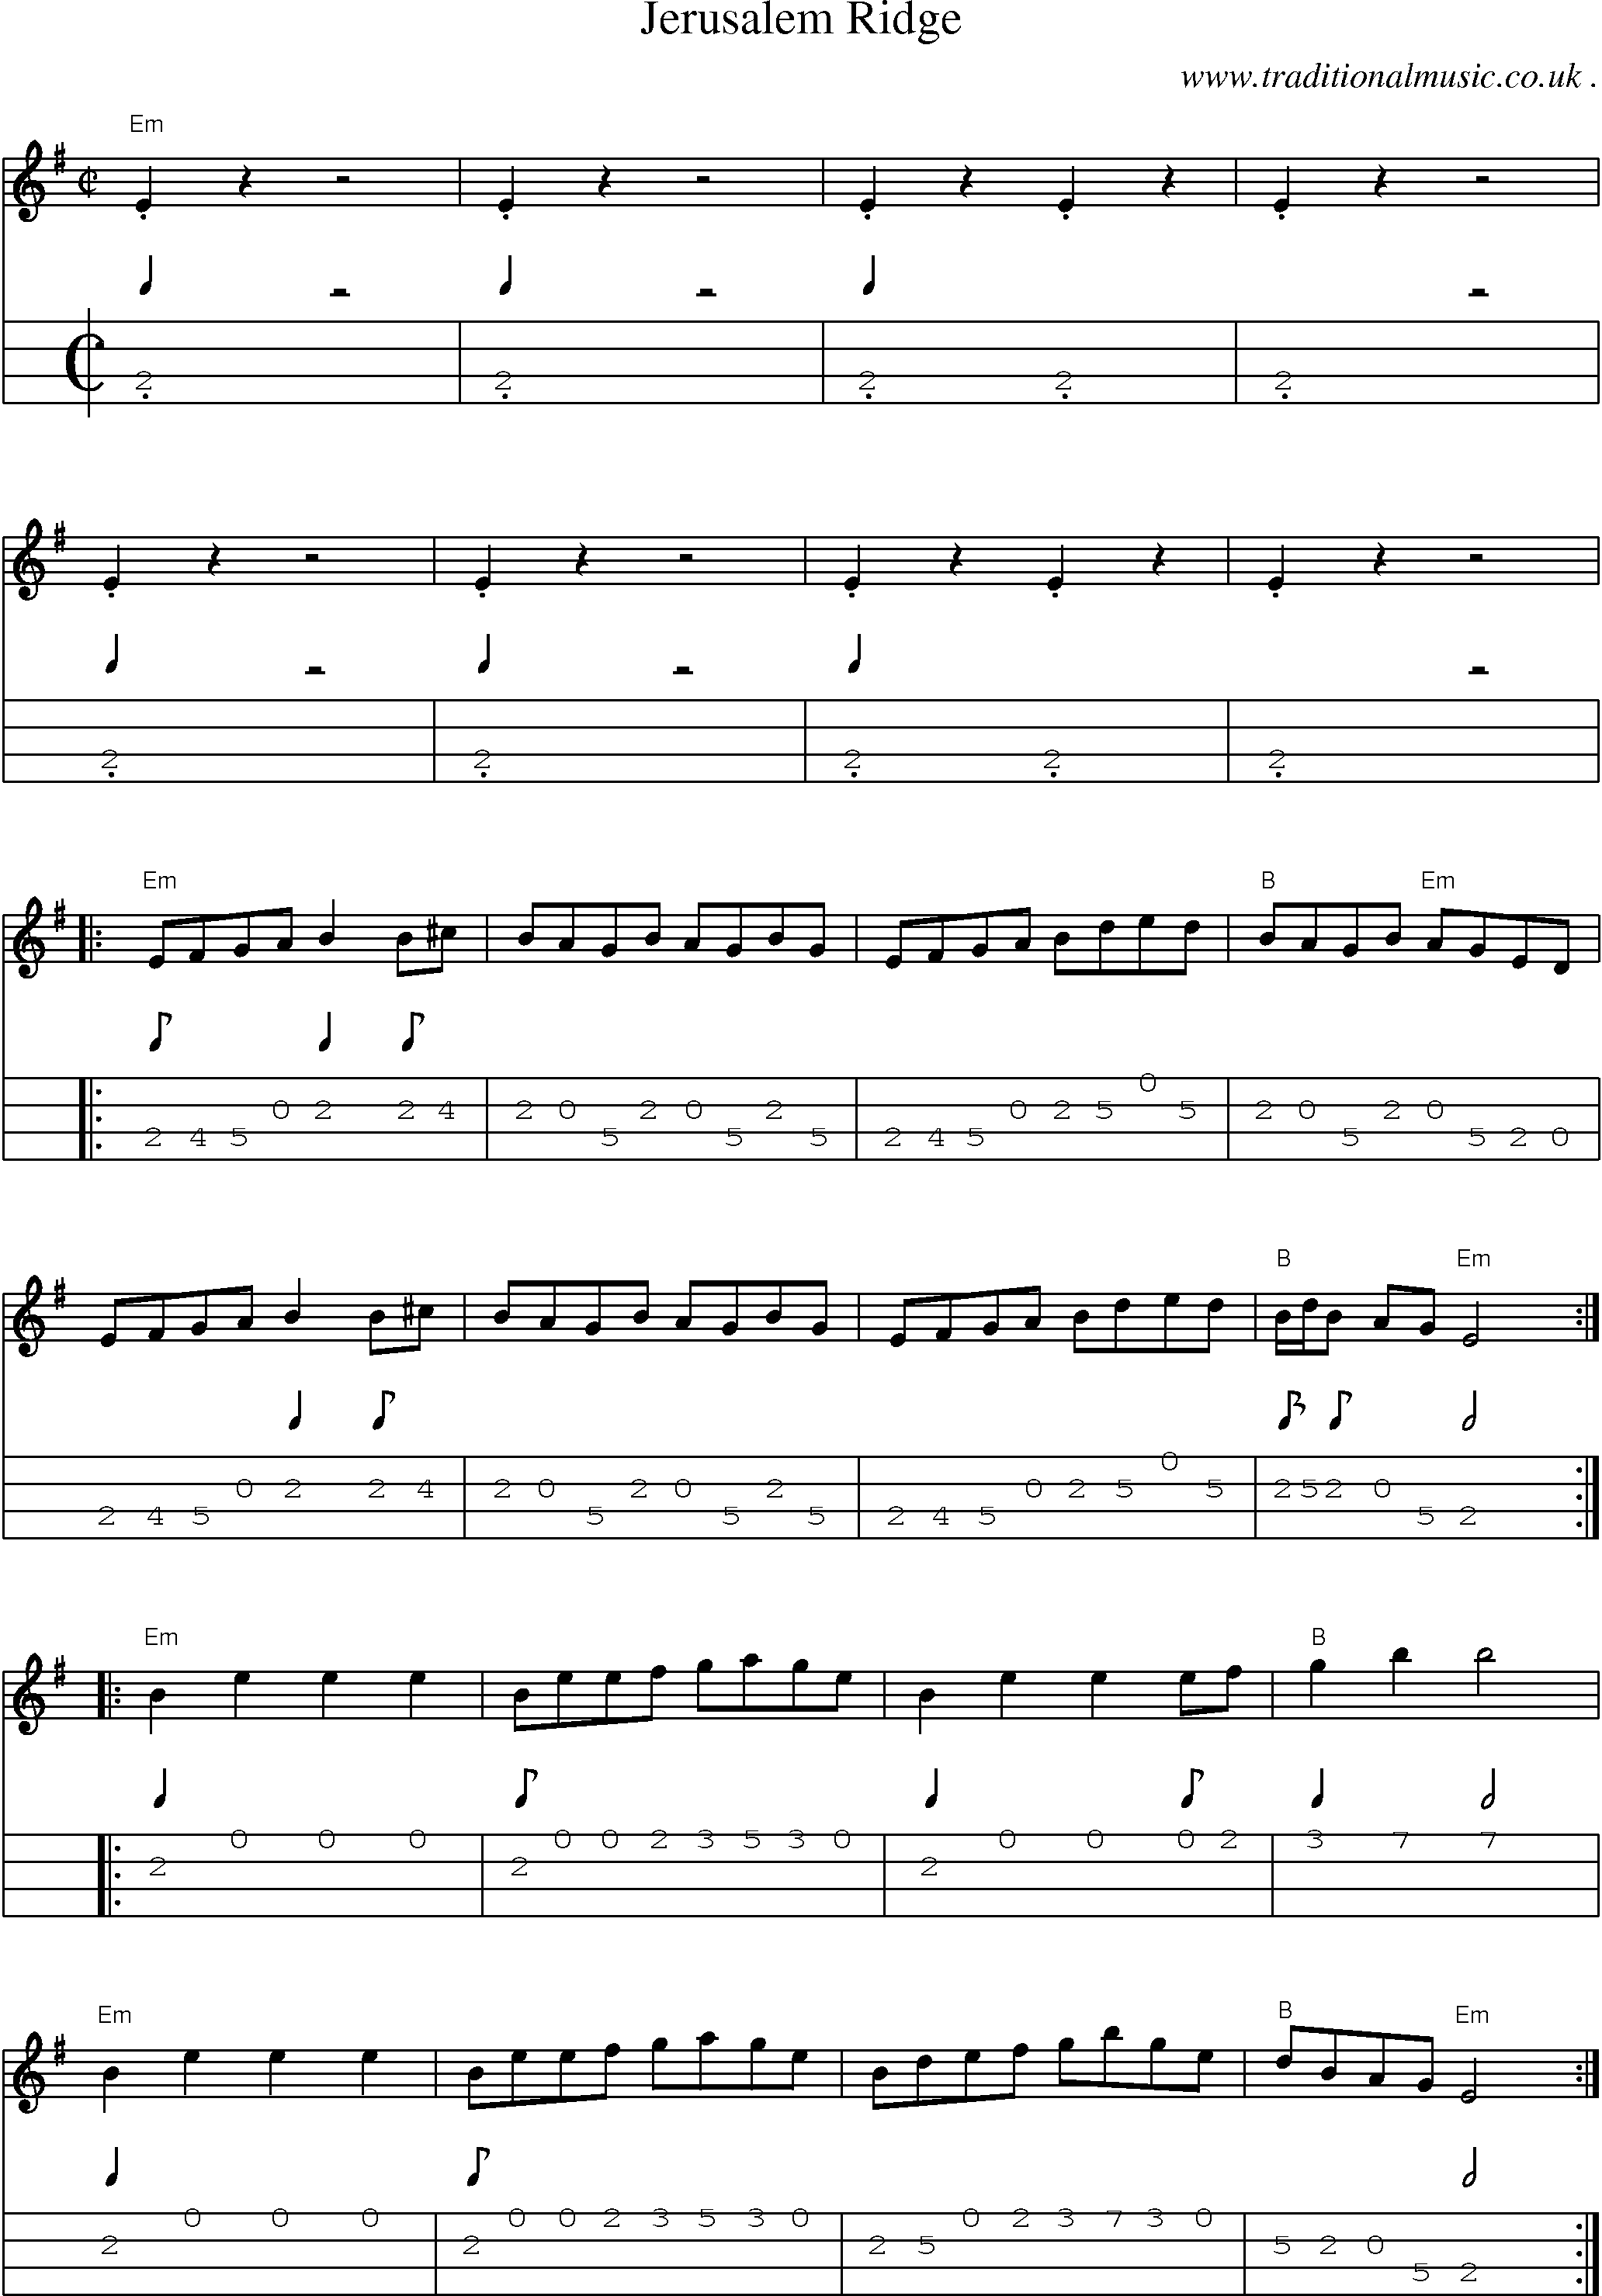 lieblingsmensch chords